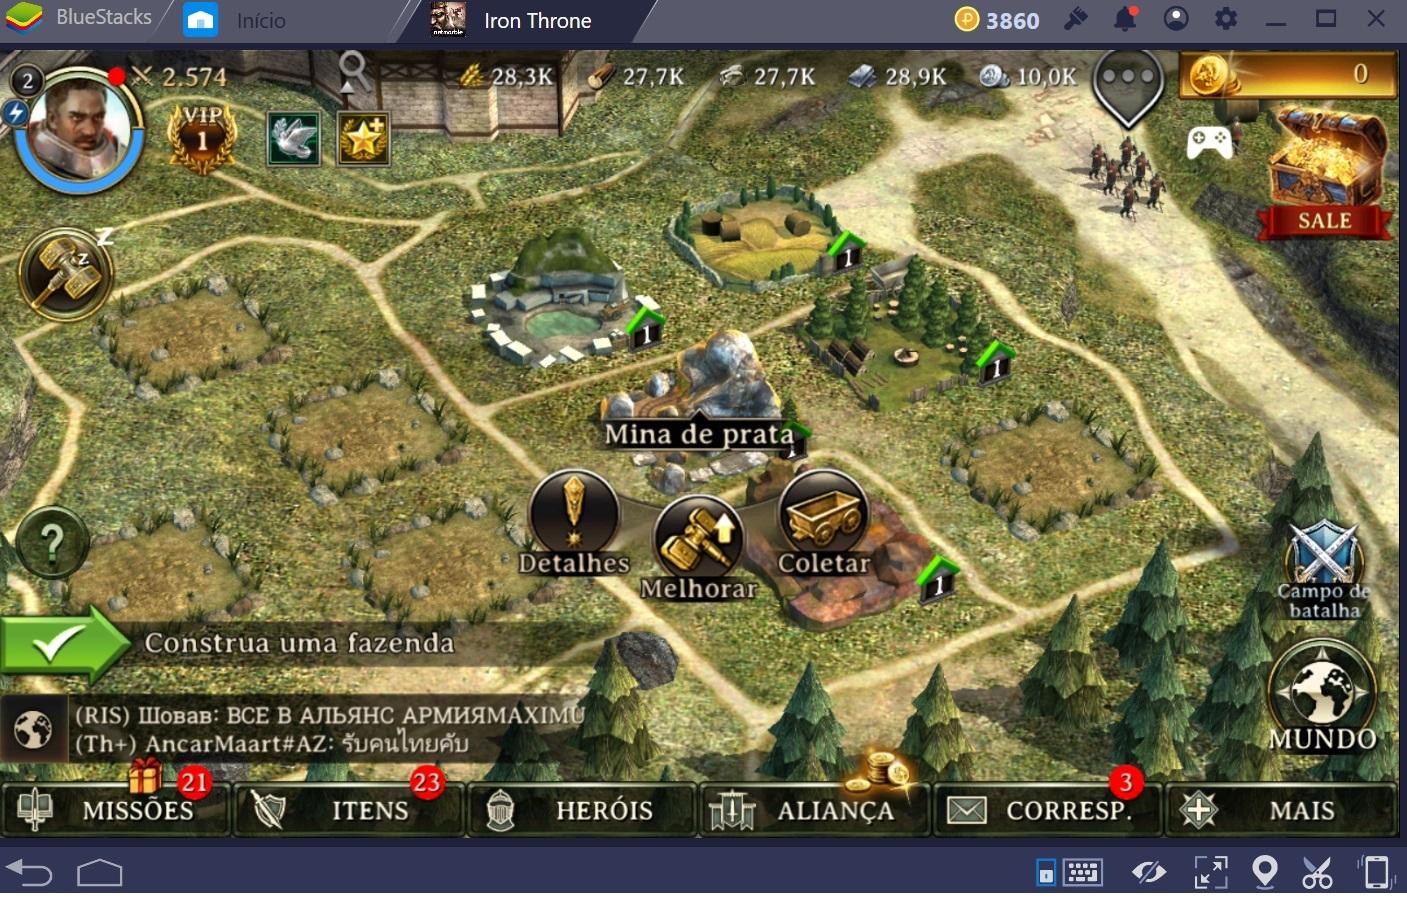 Guia de construções e recursos em Iron Throne